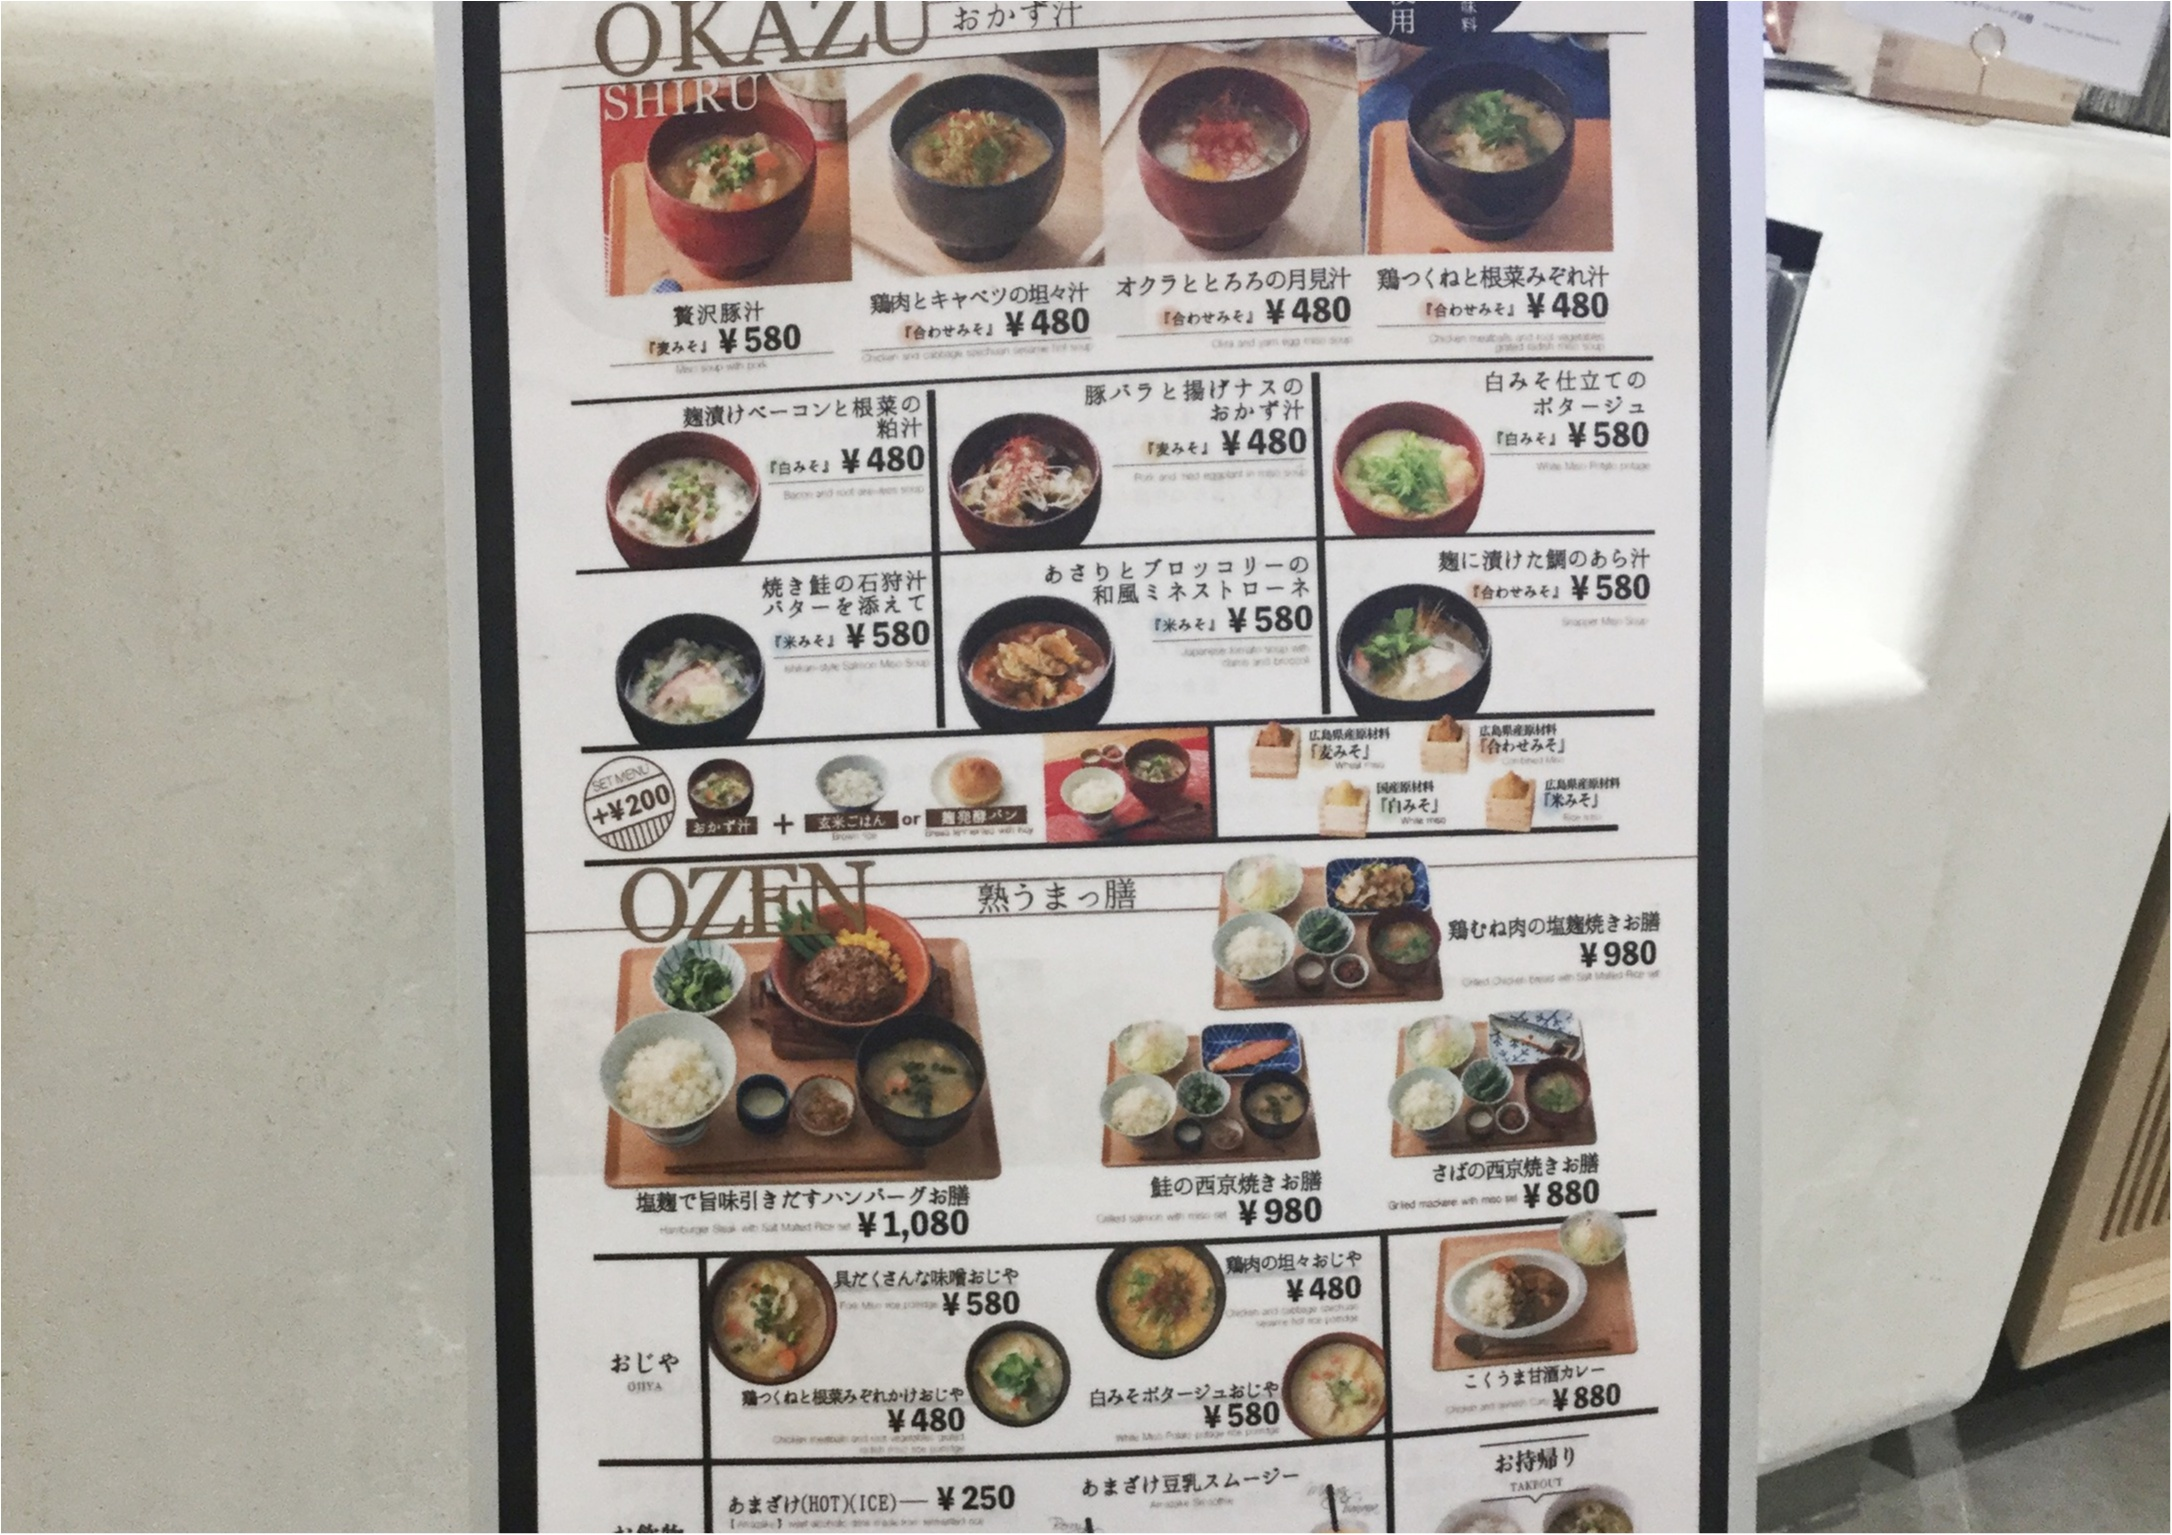 【ご当地グルメ】広島では知らない人はいない!母さんの味「ますやみそ 」がプロデュースした《ますきち》発酵食で体の中からキレイになりませんか?_2